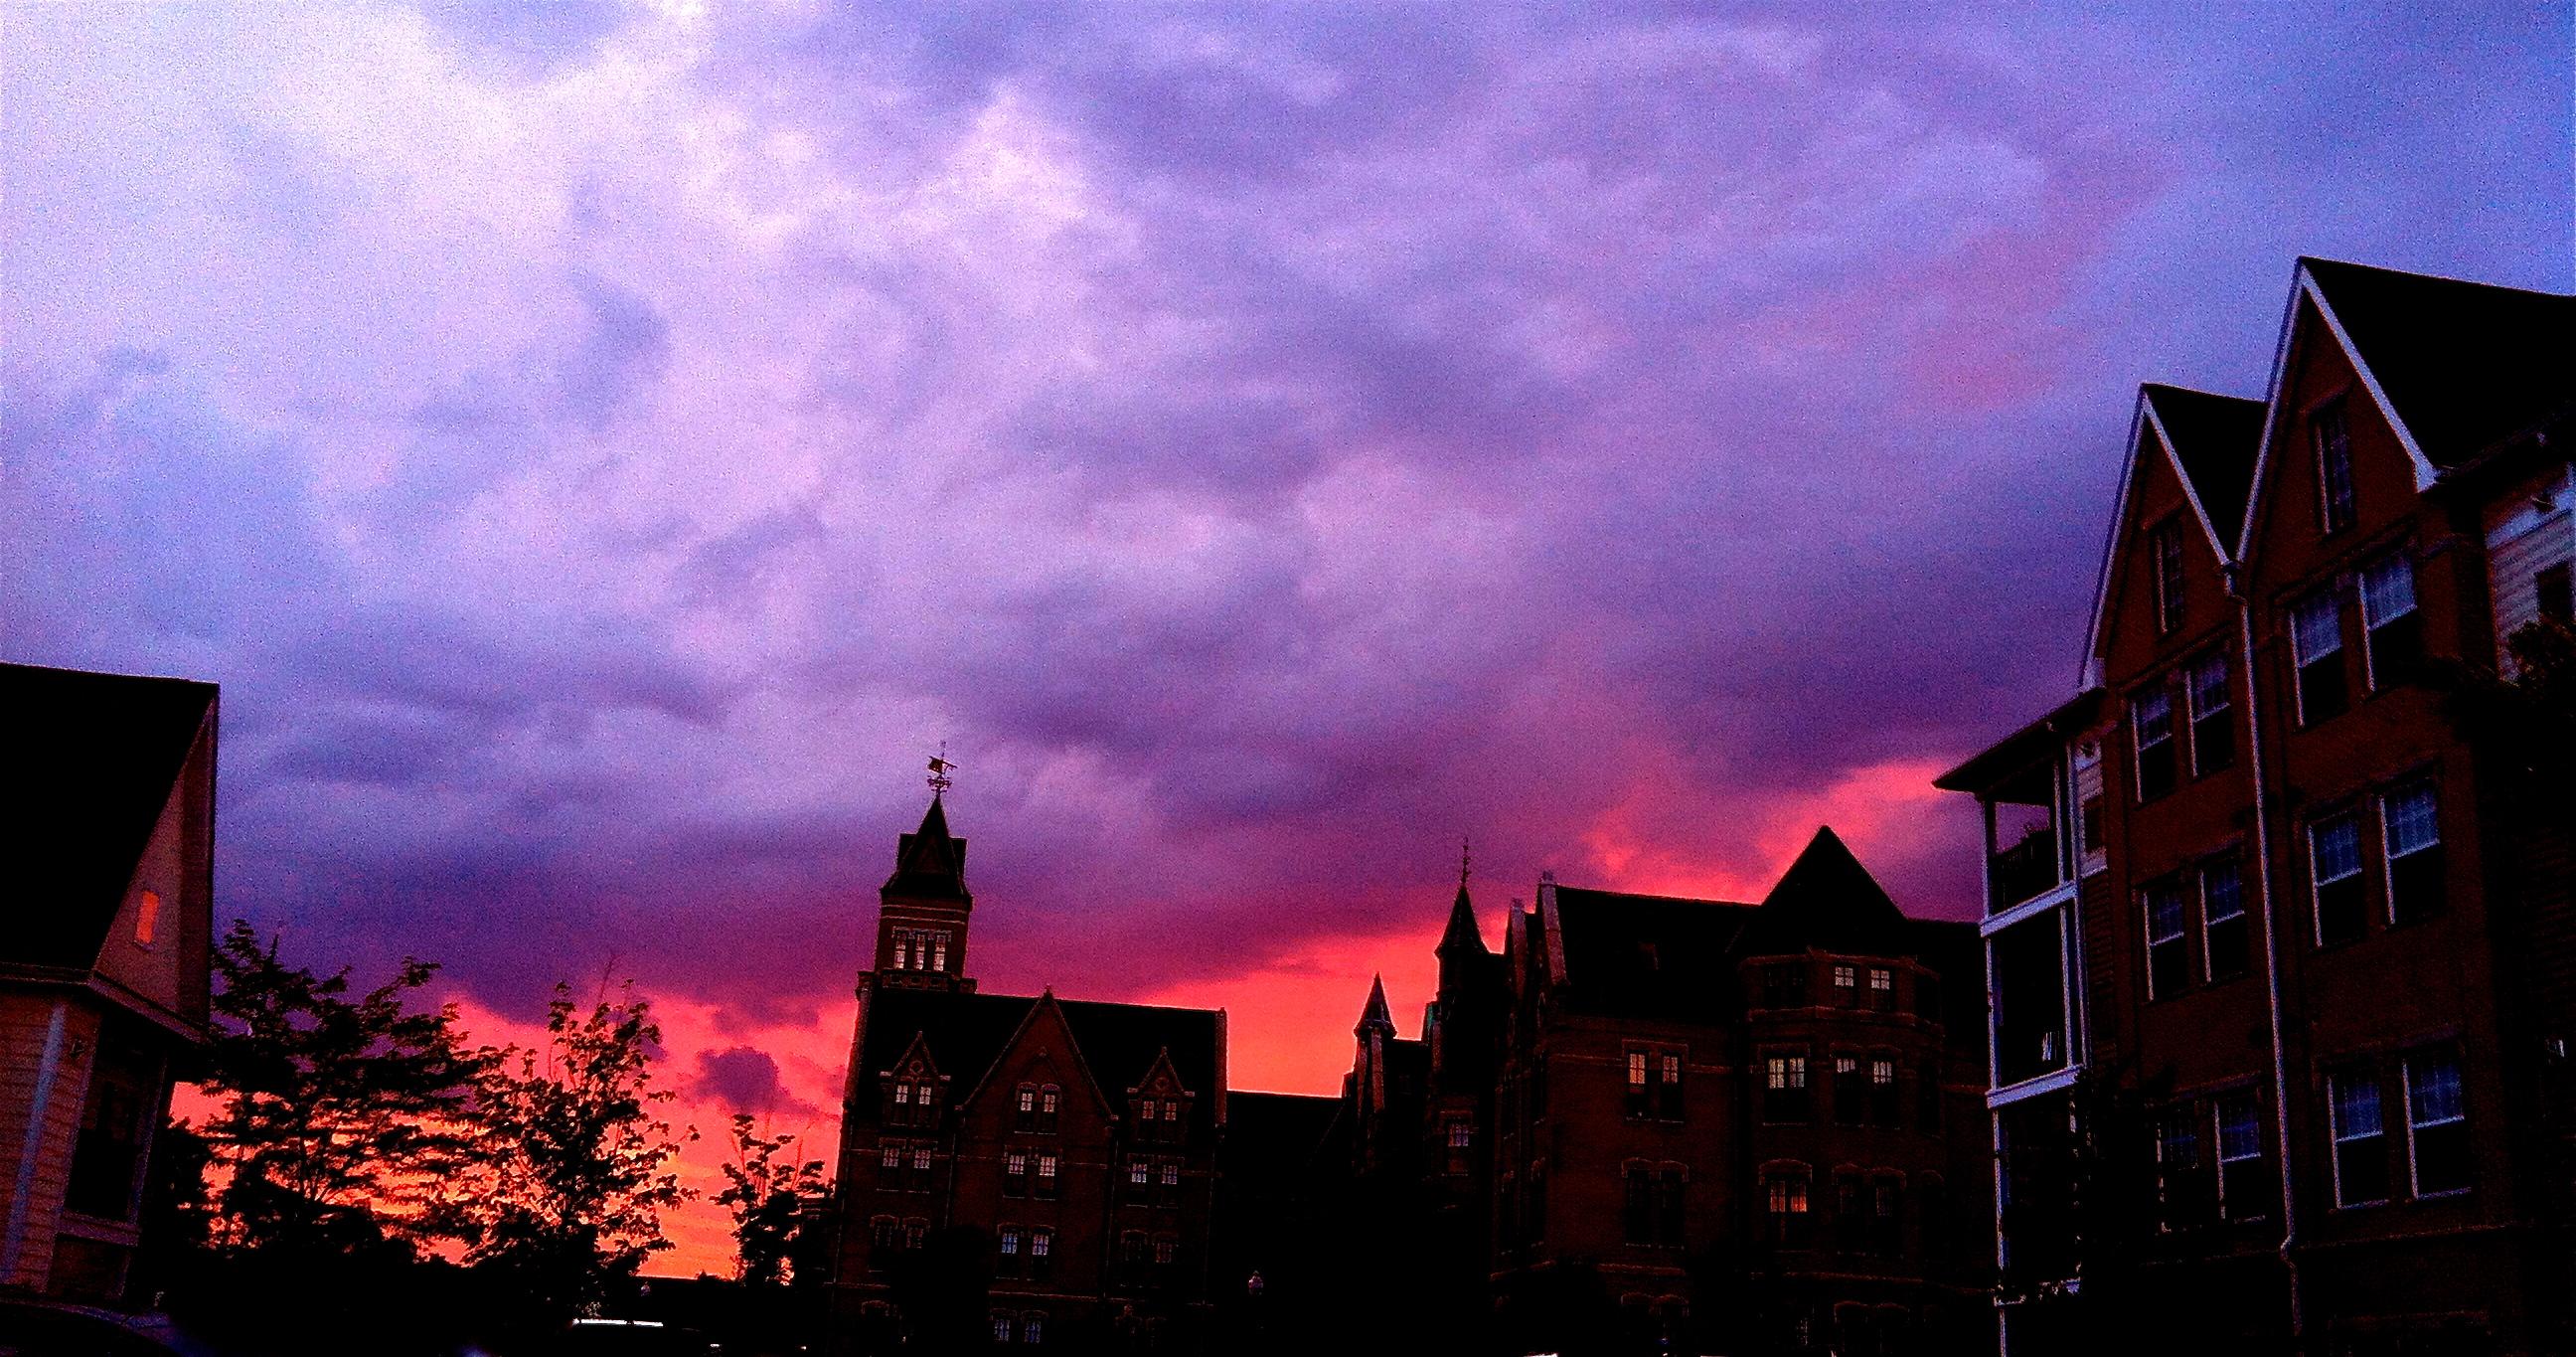 Danvers buildings against a vibrant sunset